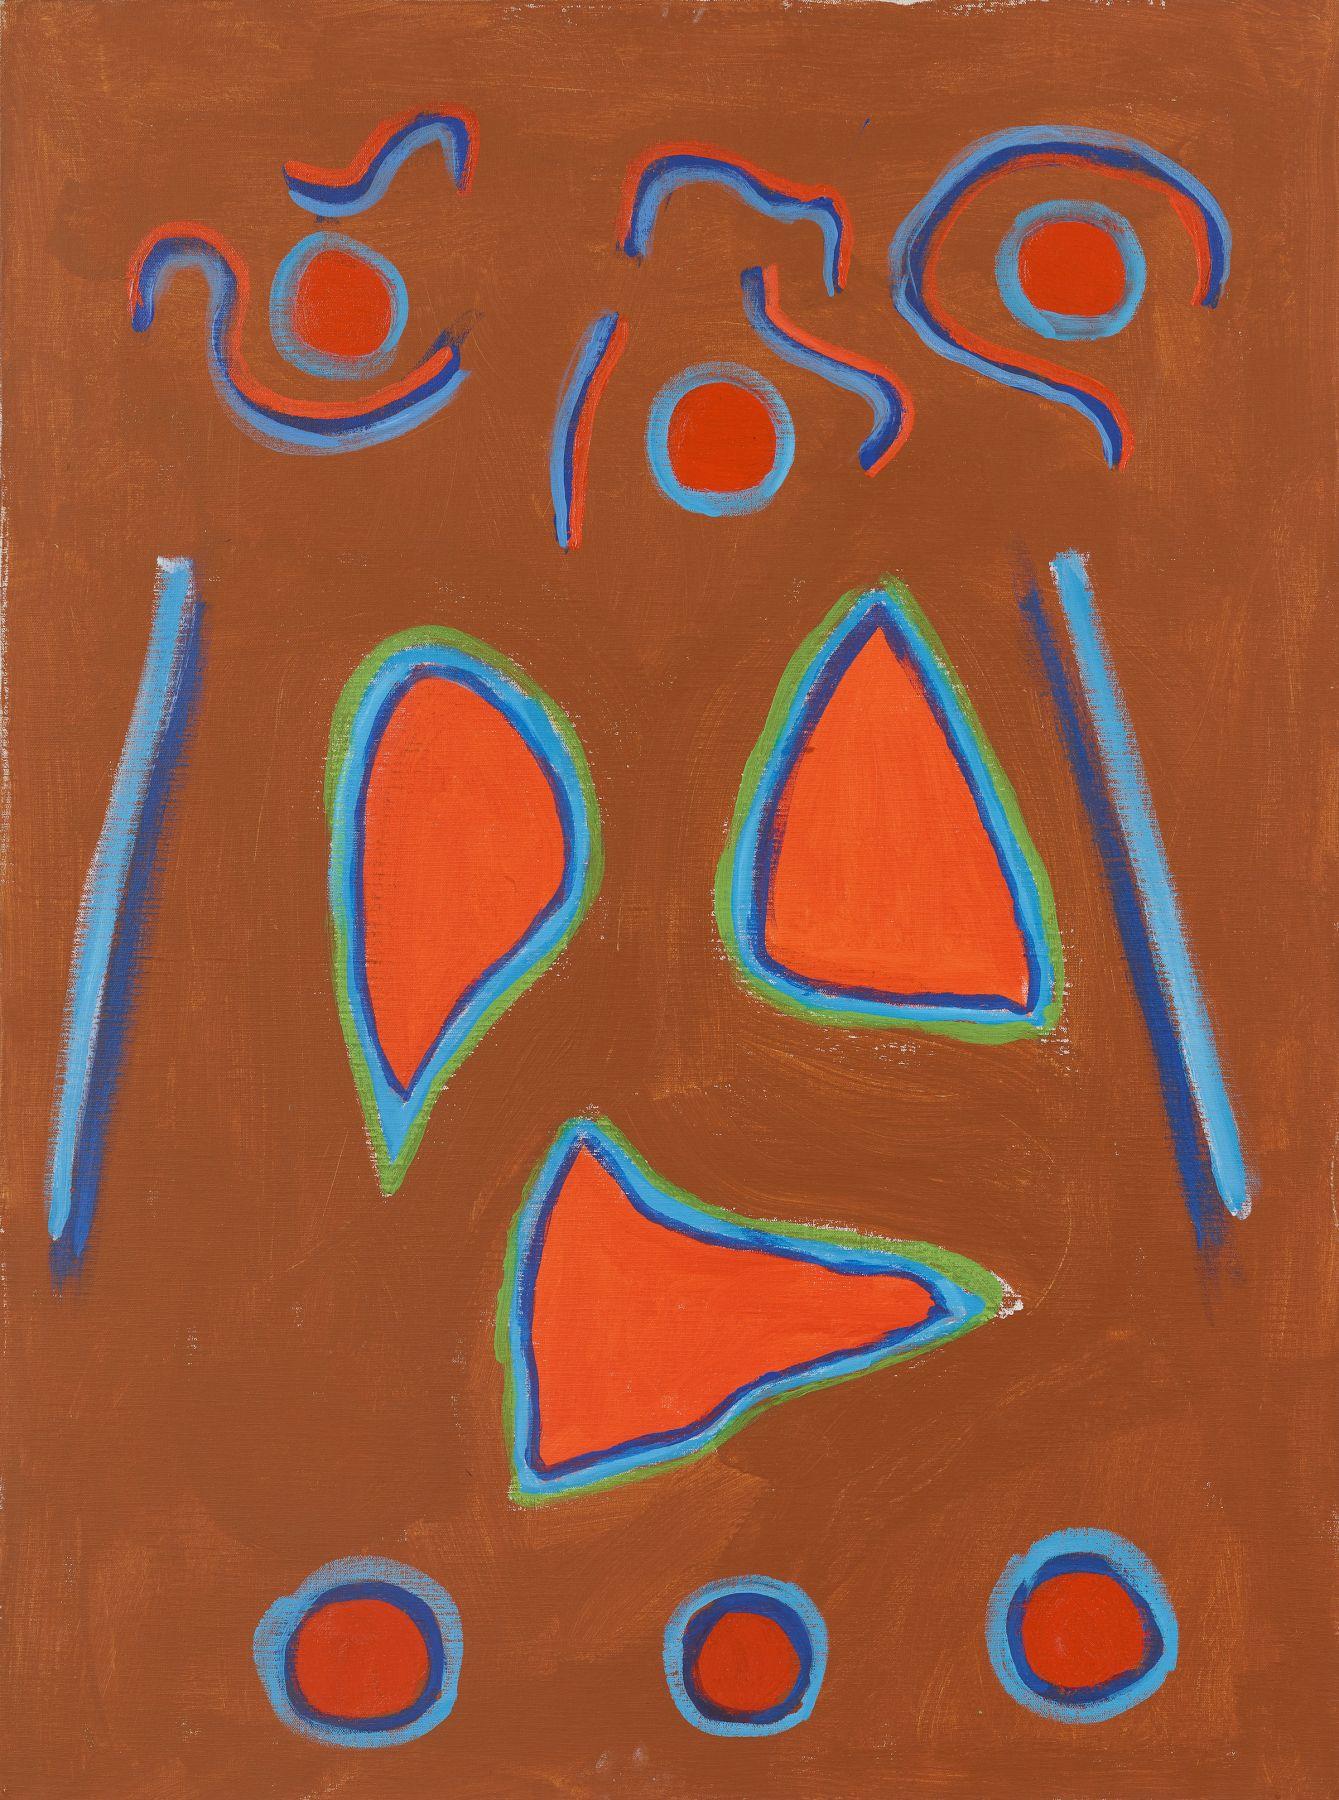 Challenge (1976) Acrylic on canvas